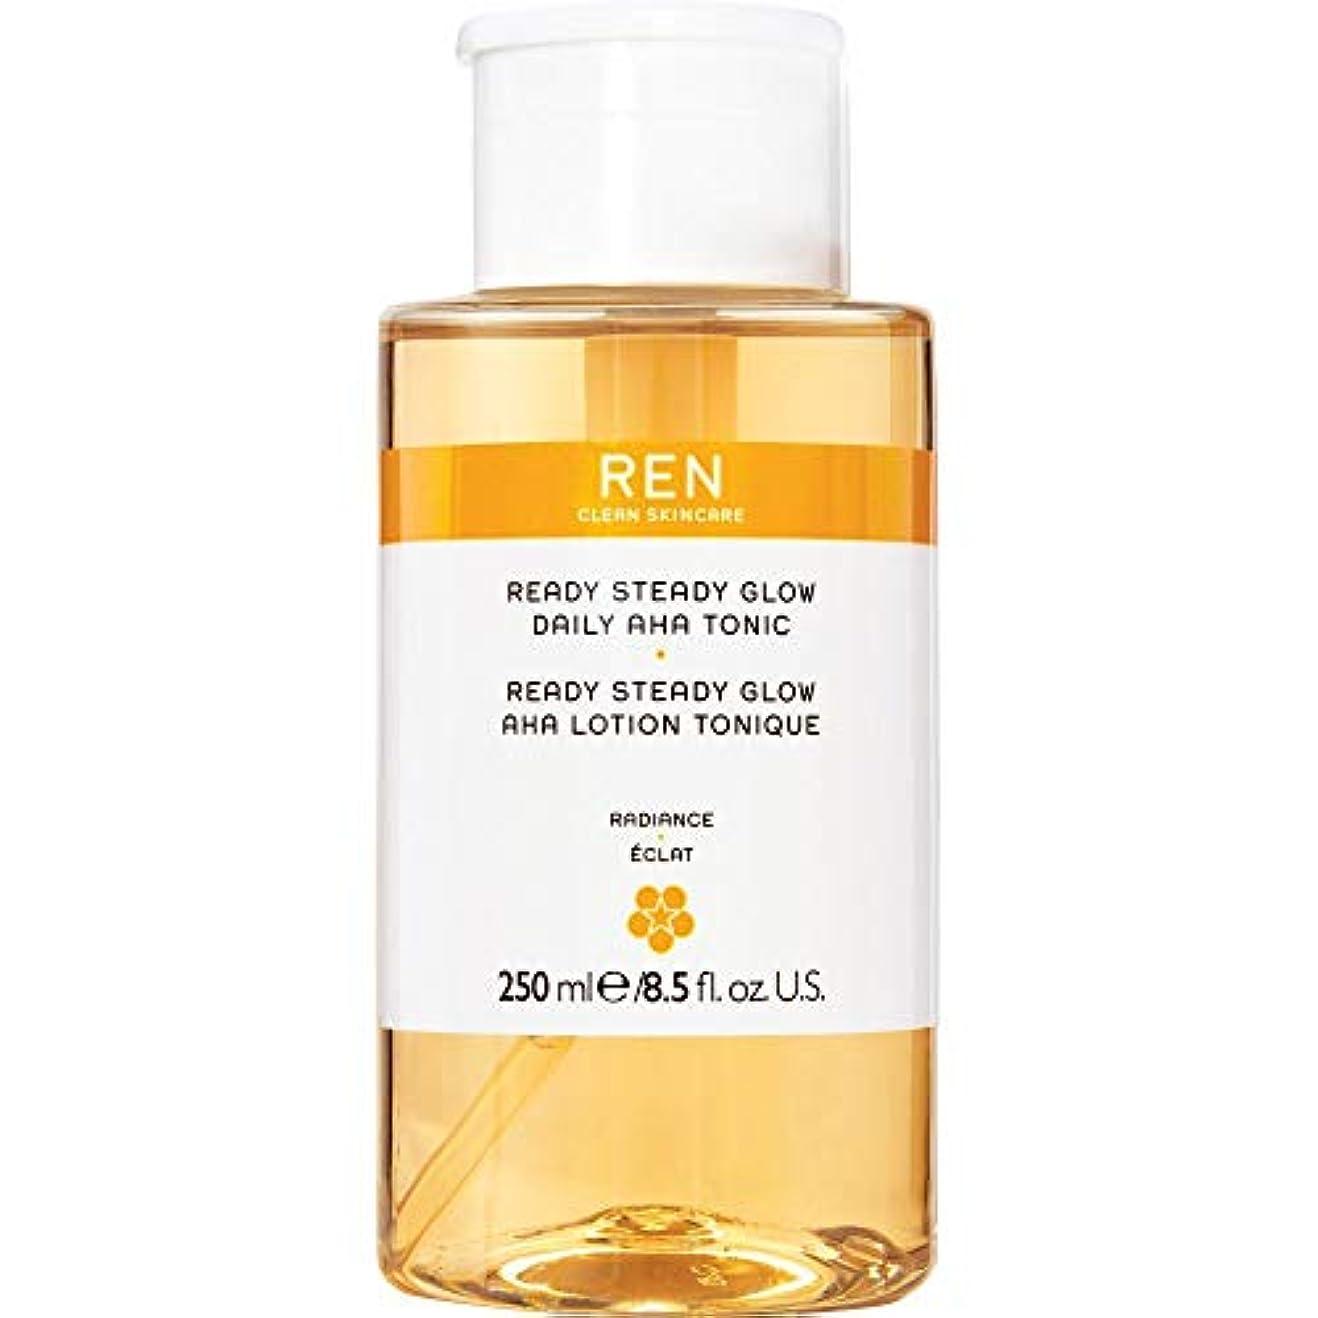 リスト魅了する対応する[REN] 準備ができて安定したグロー毎日Ahaの強壮剤の250ミリリットルをRen - REN Ready Steady Glow Daily AHA Tonic 250ml [並行輸入品]